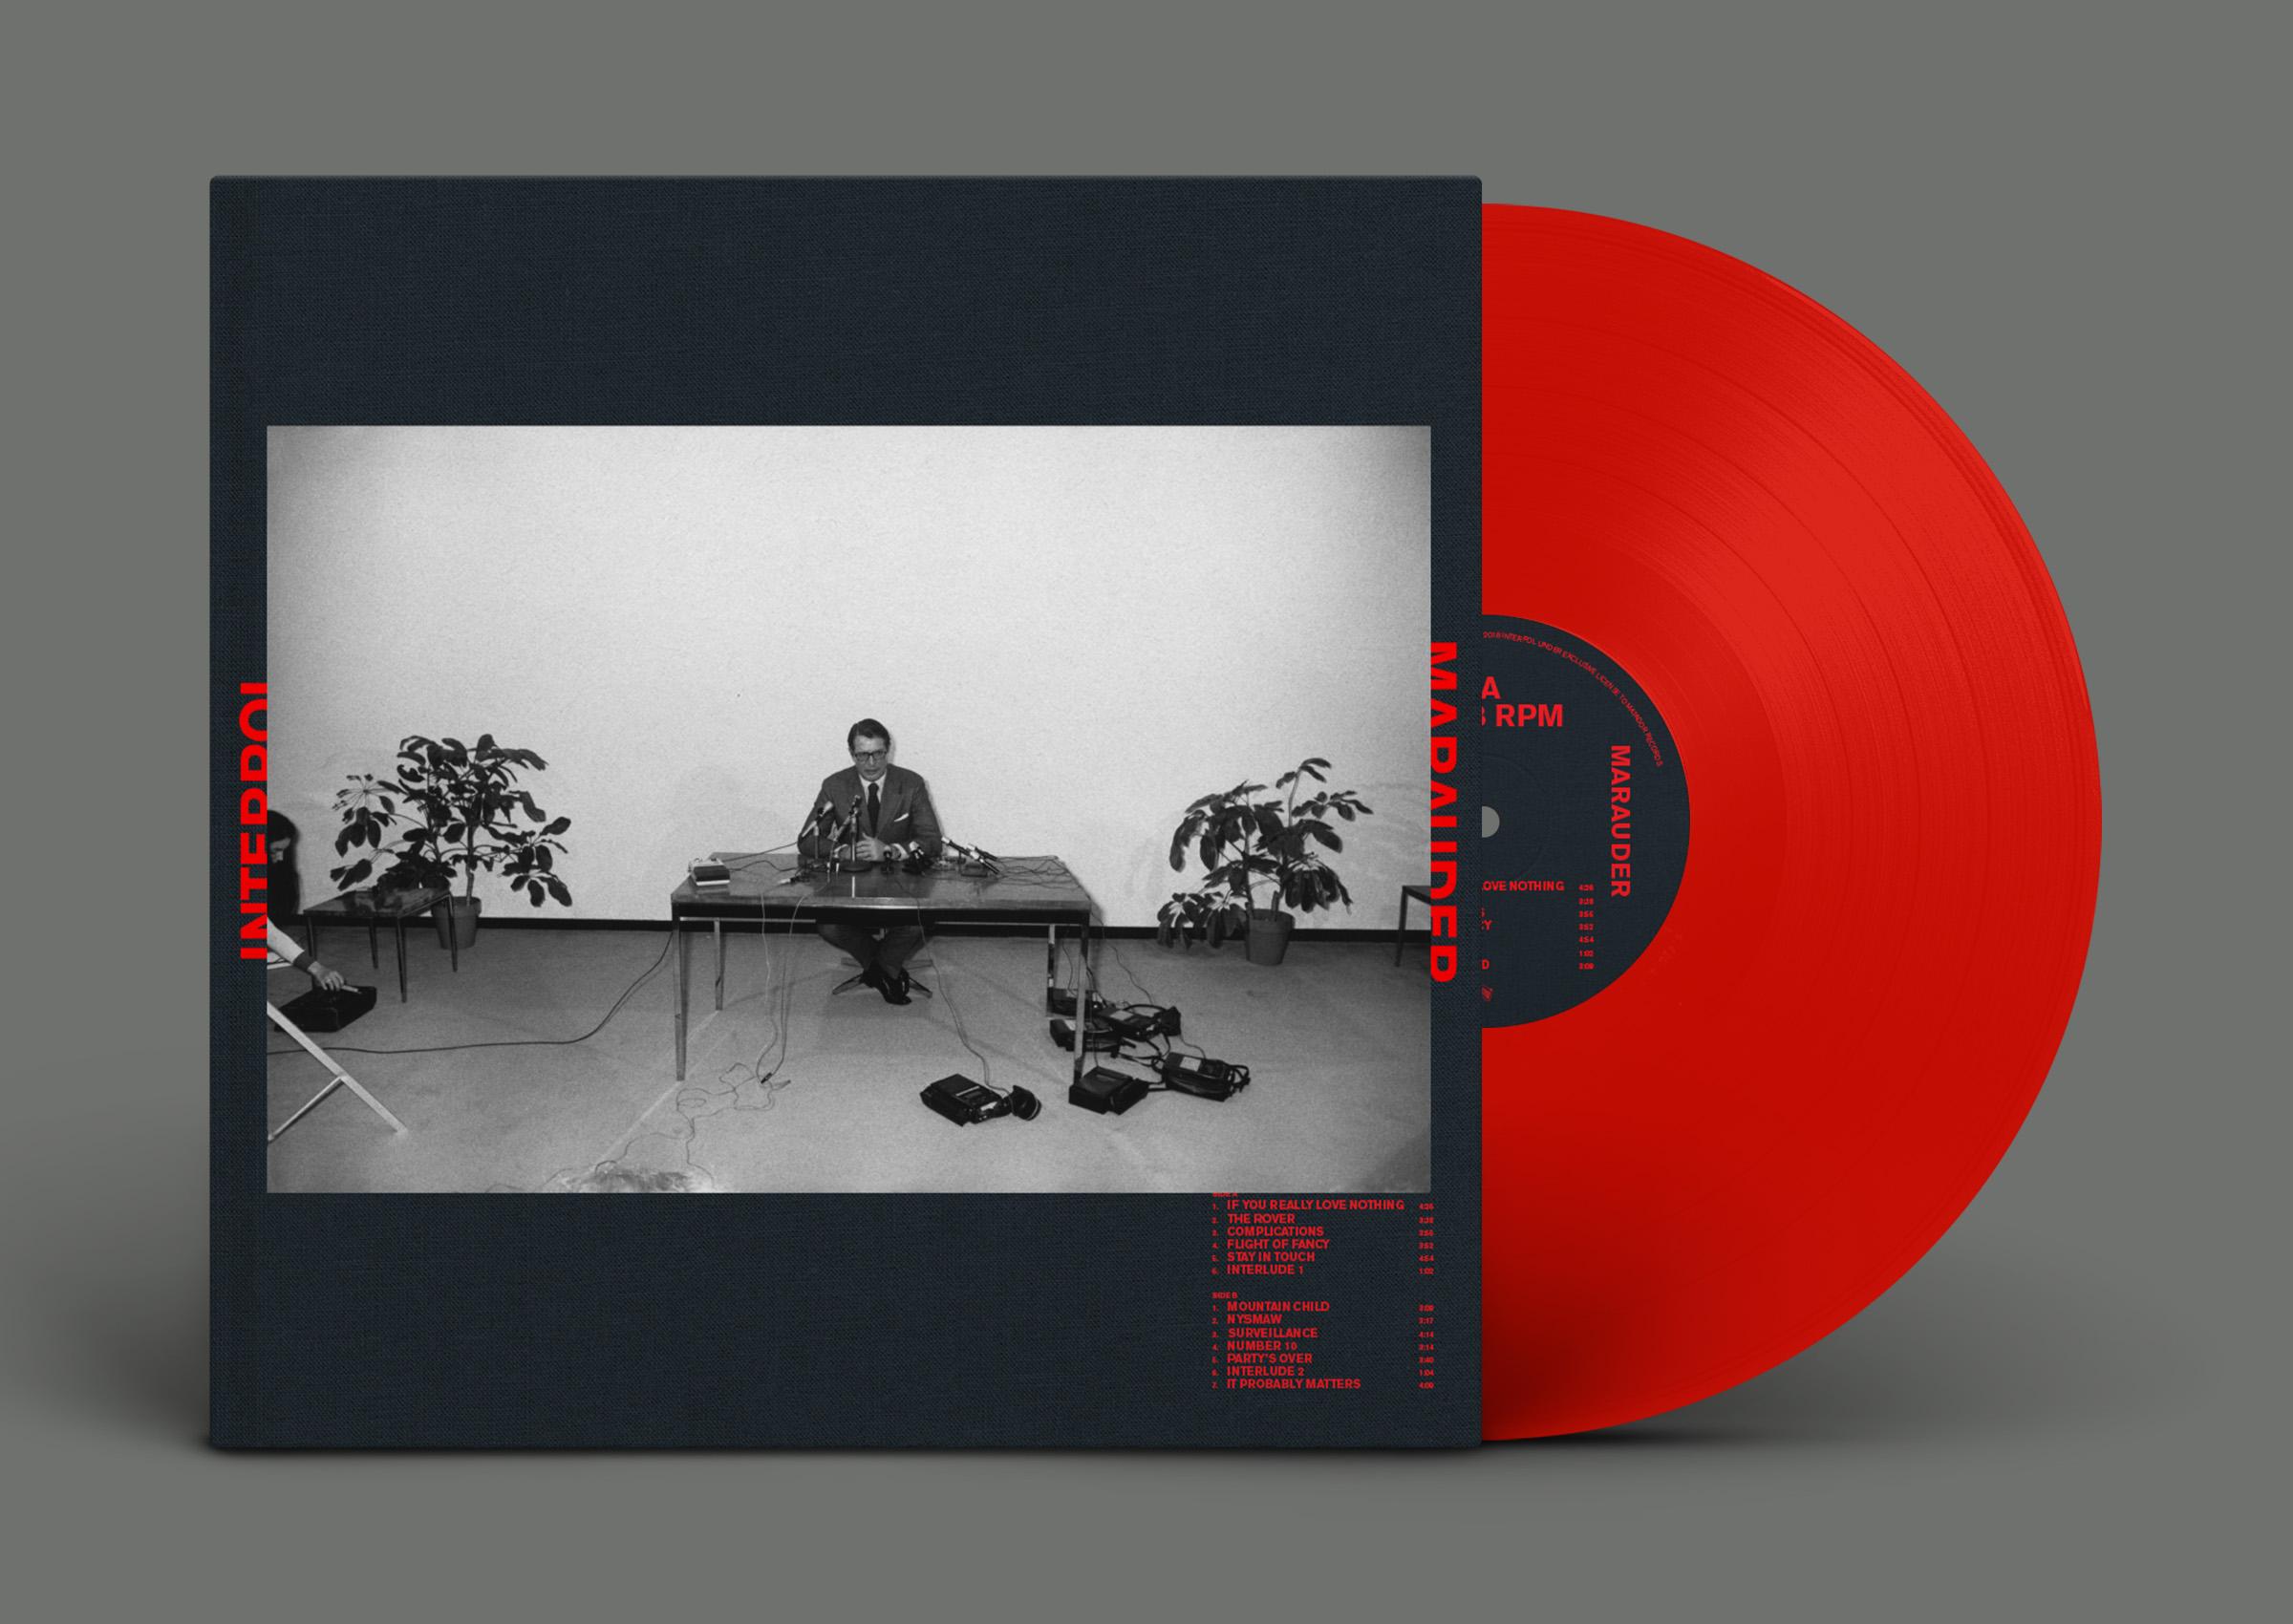 Resultado de imagen de interpol marauder album